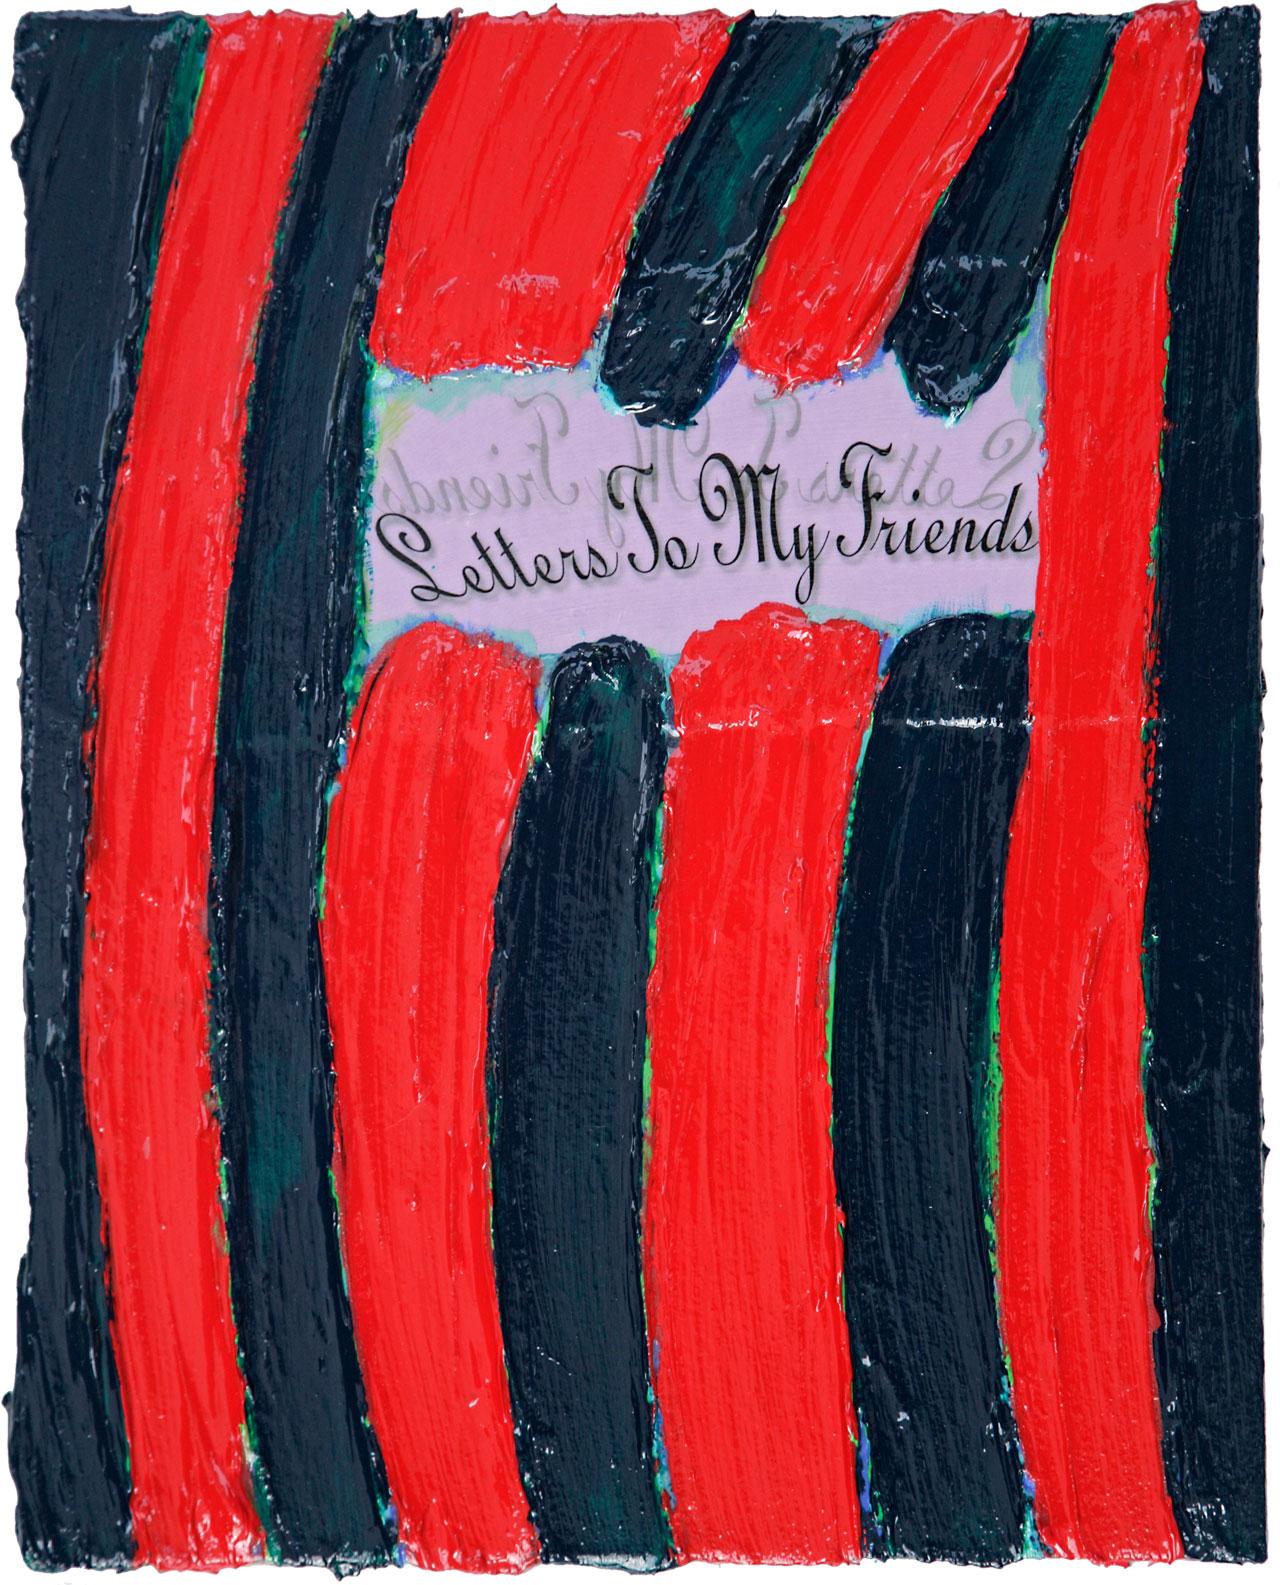 LETTERS TO MY FRIENDS #43 © Kerstin Jeckel